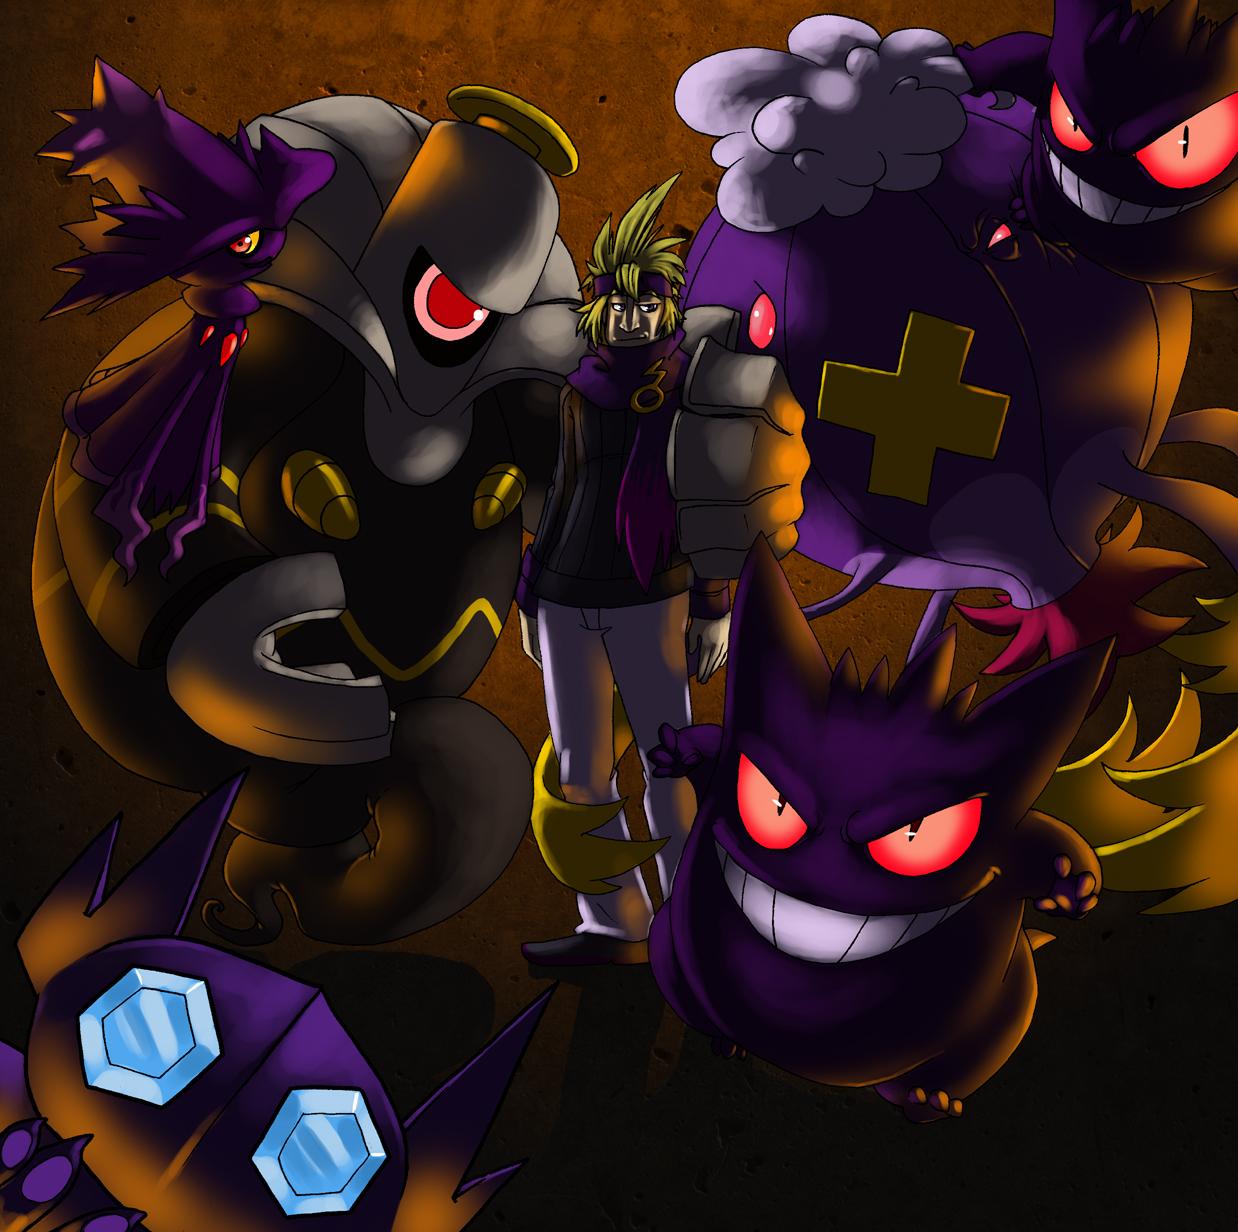 Espace membre recherche des images associ es au mot cl - Pokemon tenefix ...